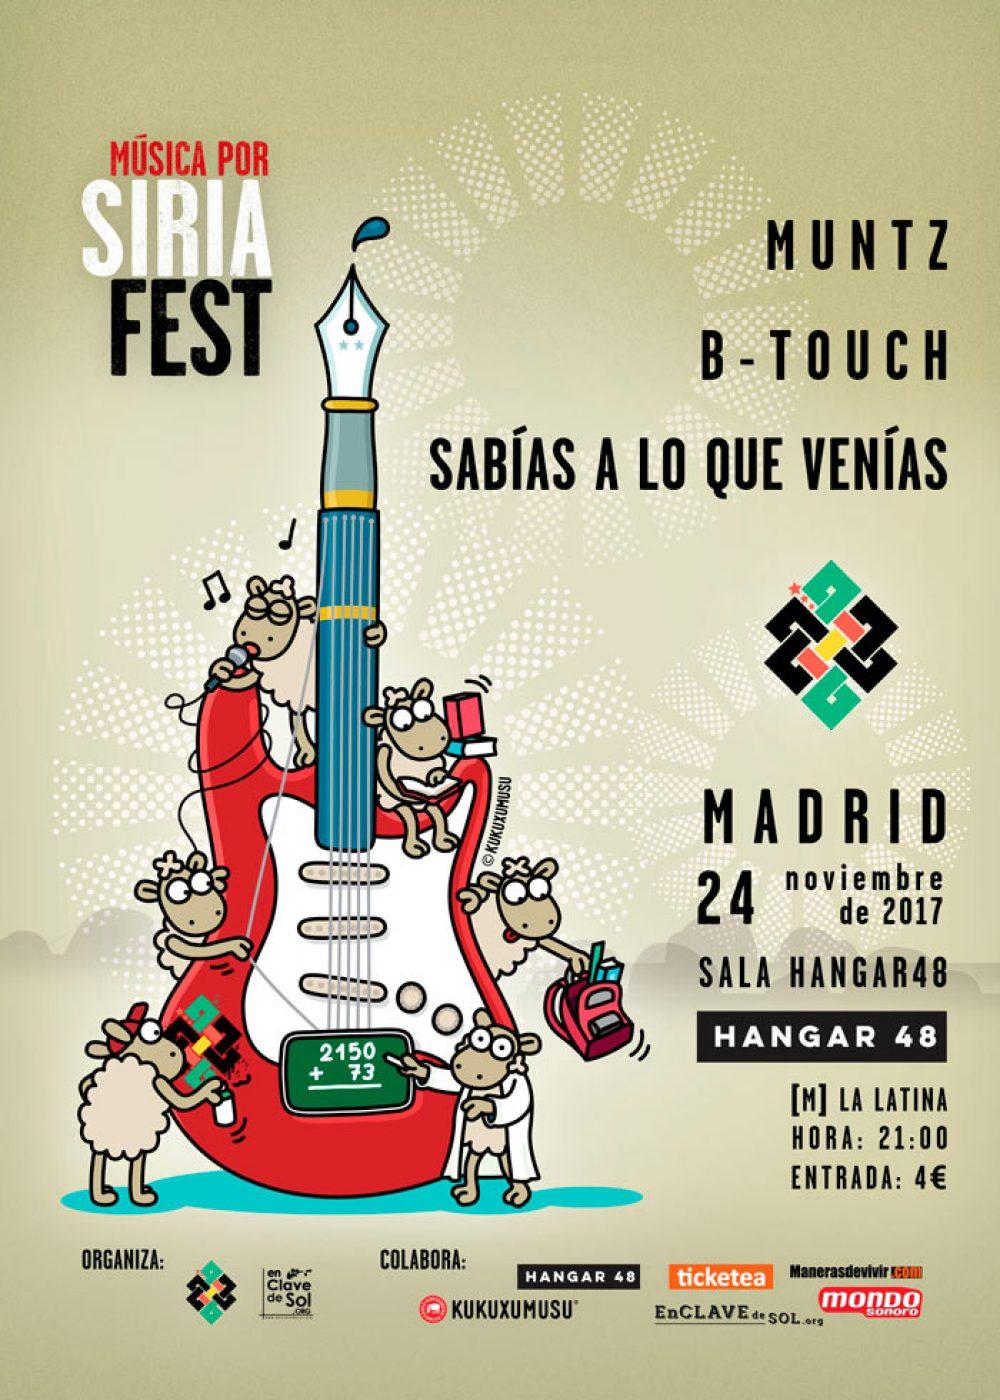 El Música Por Siria Fest llega a su fin con un último concierto en Madrid